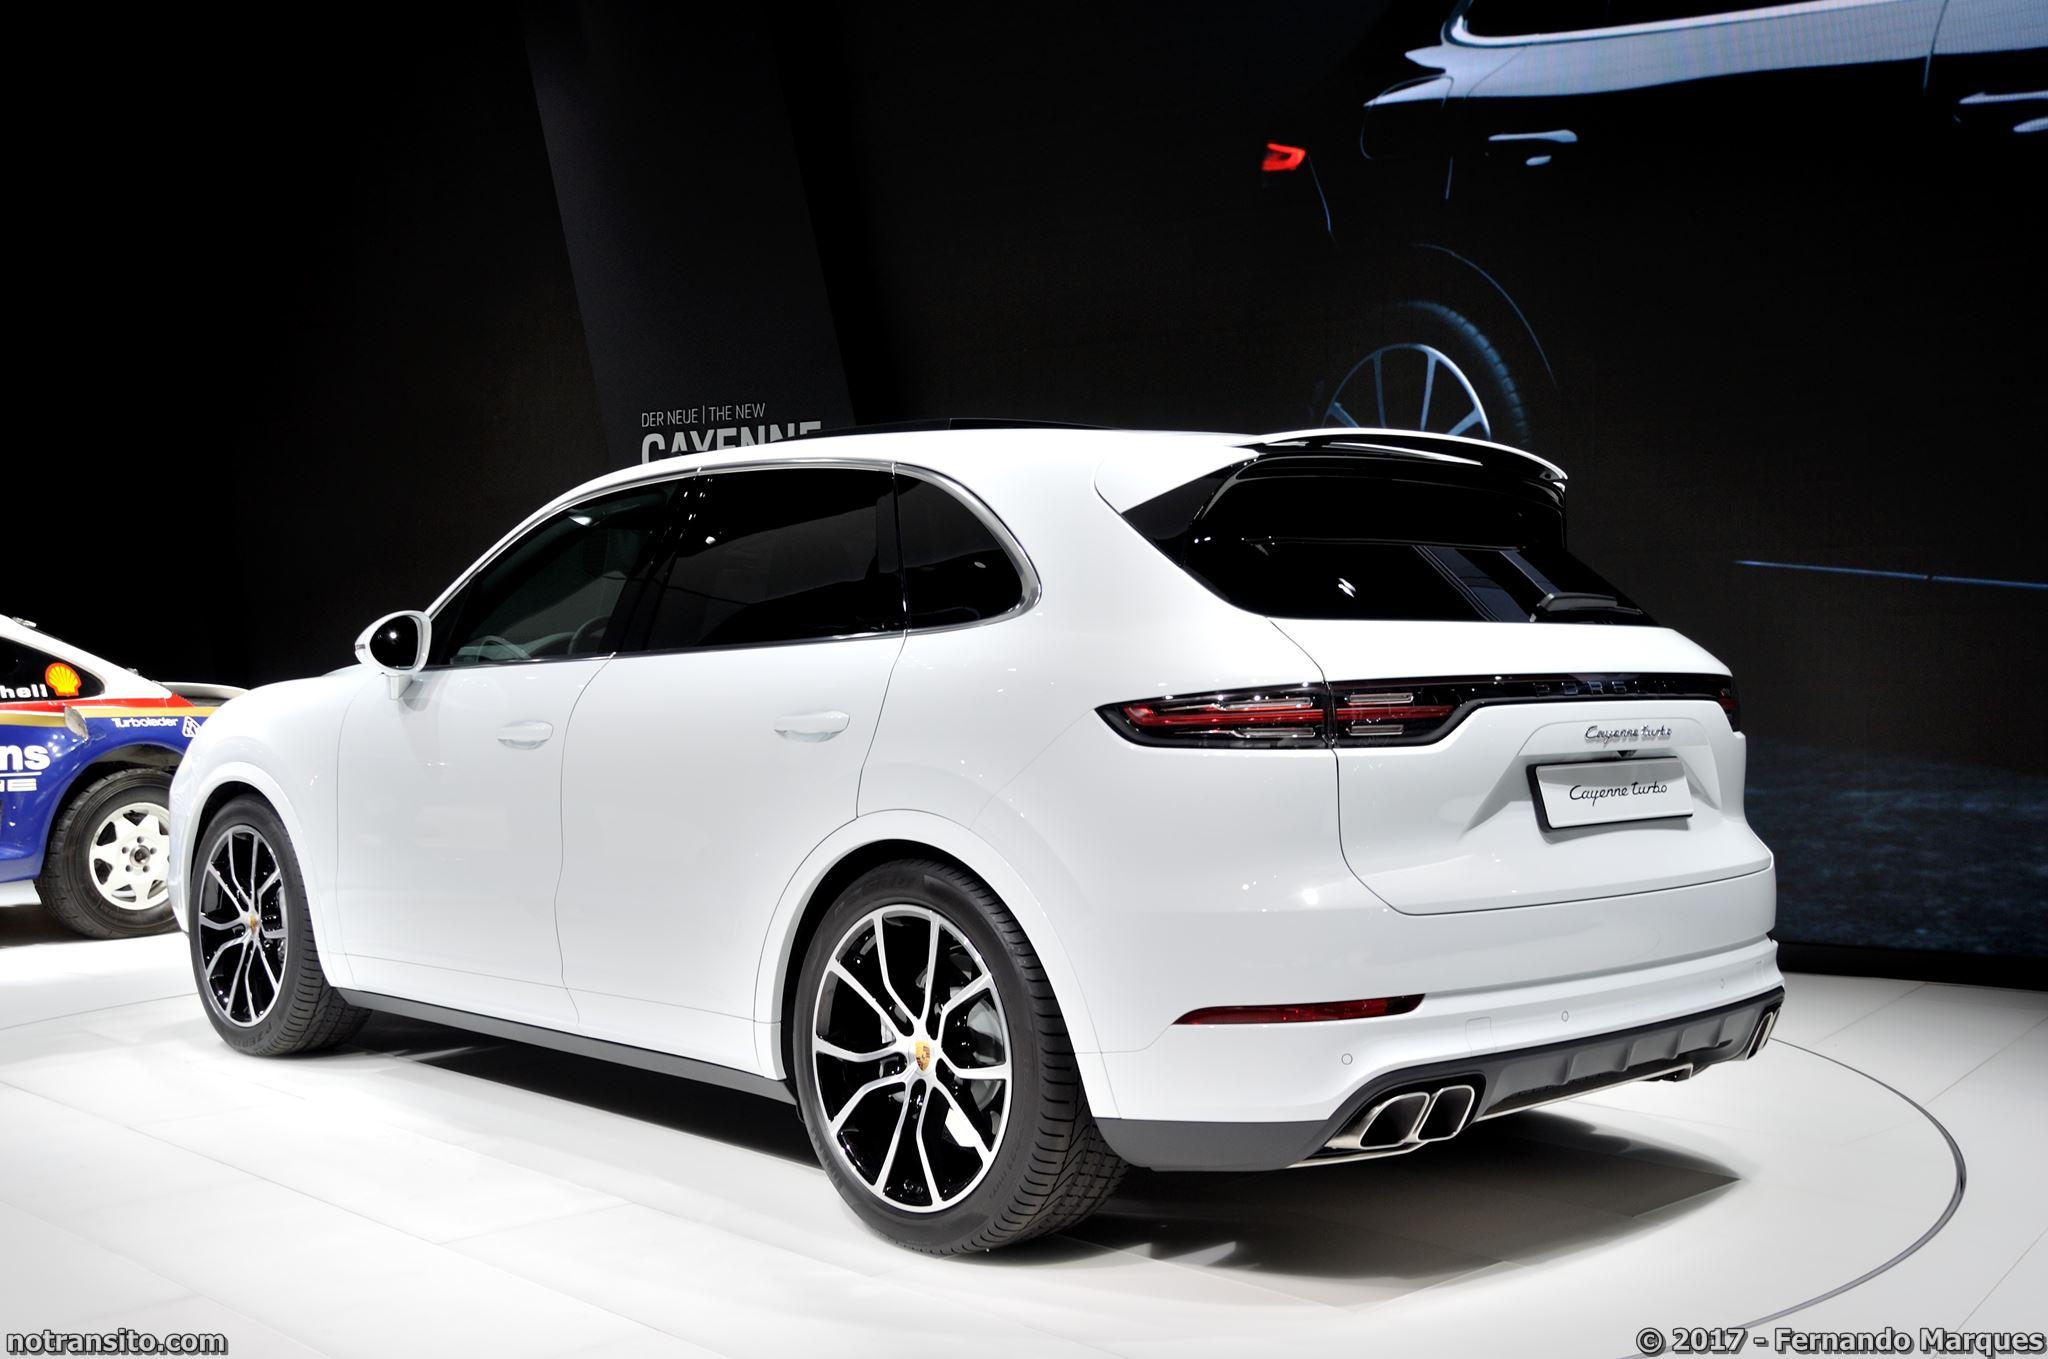 Porsche-Cayenne-Turbo-Frankfurt-2017-004